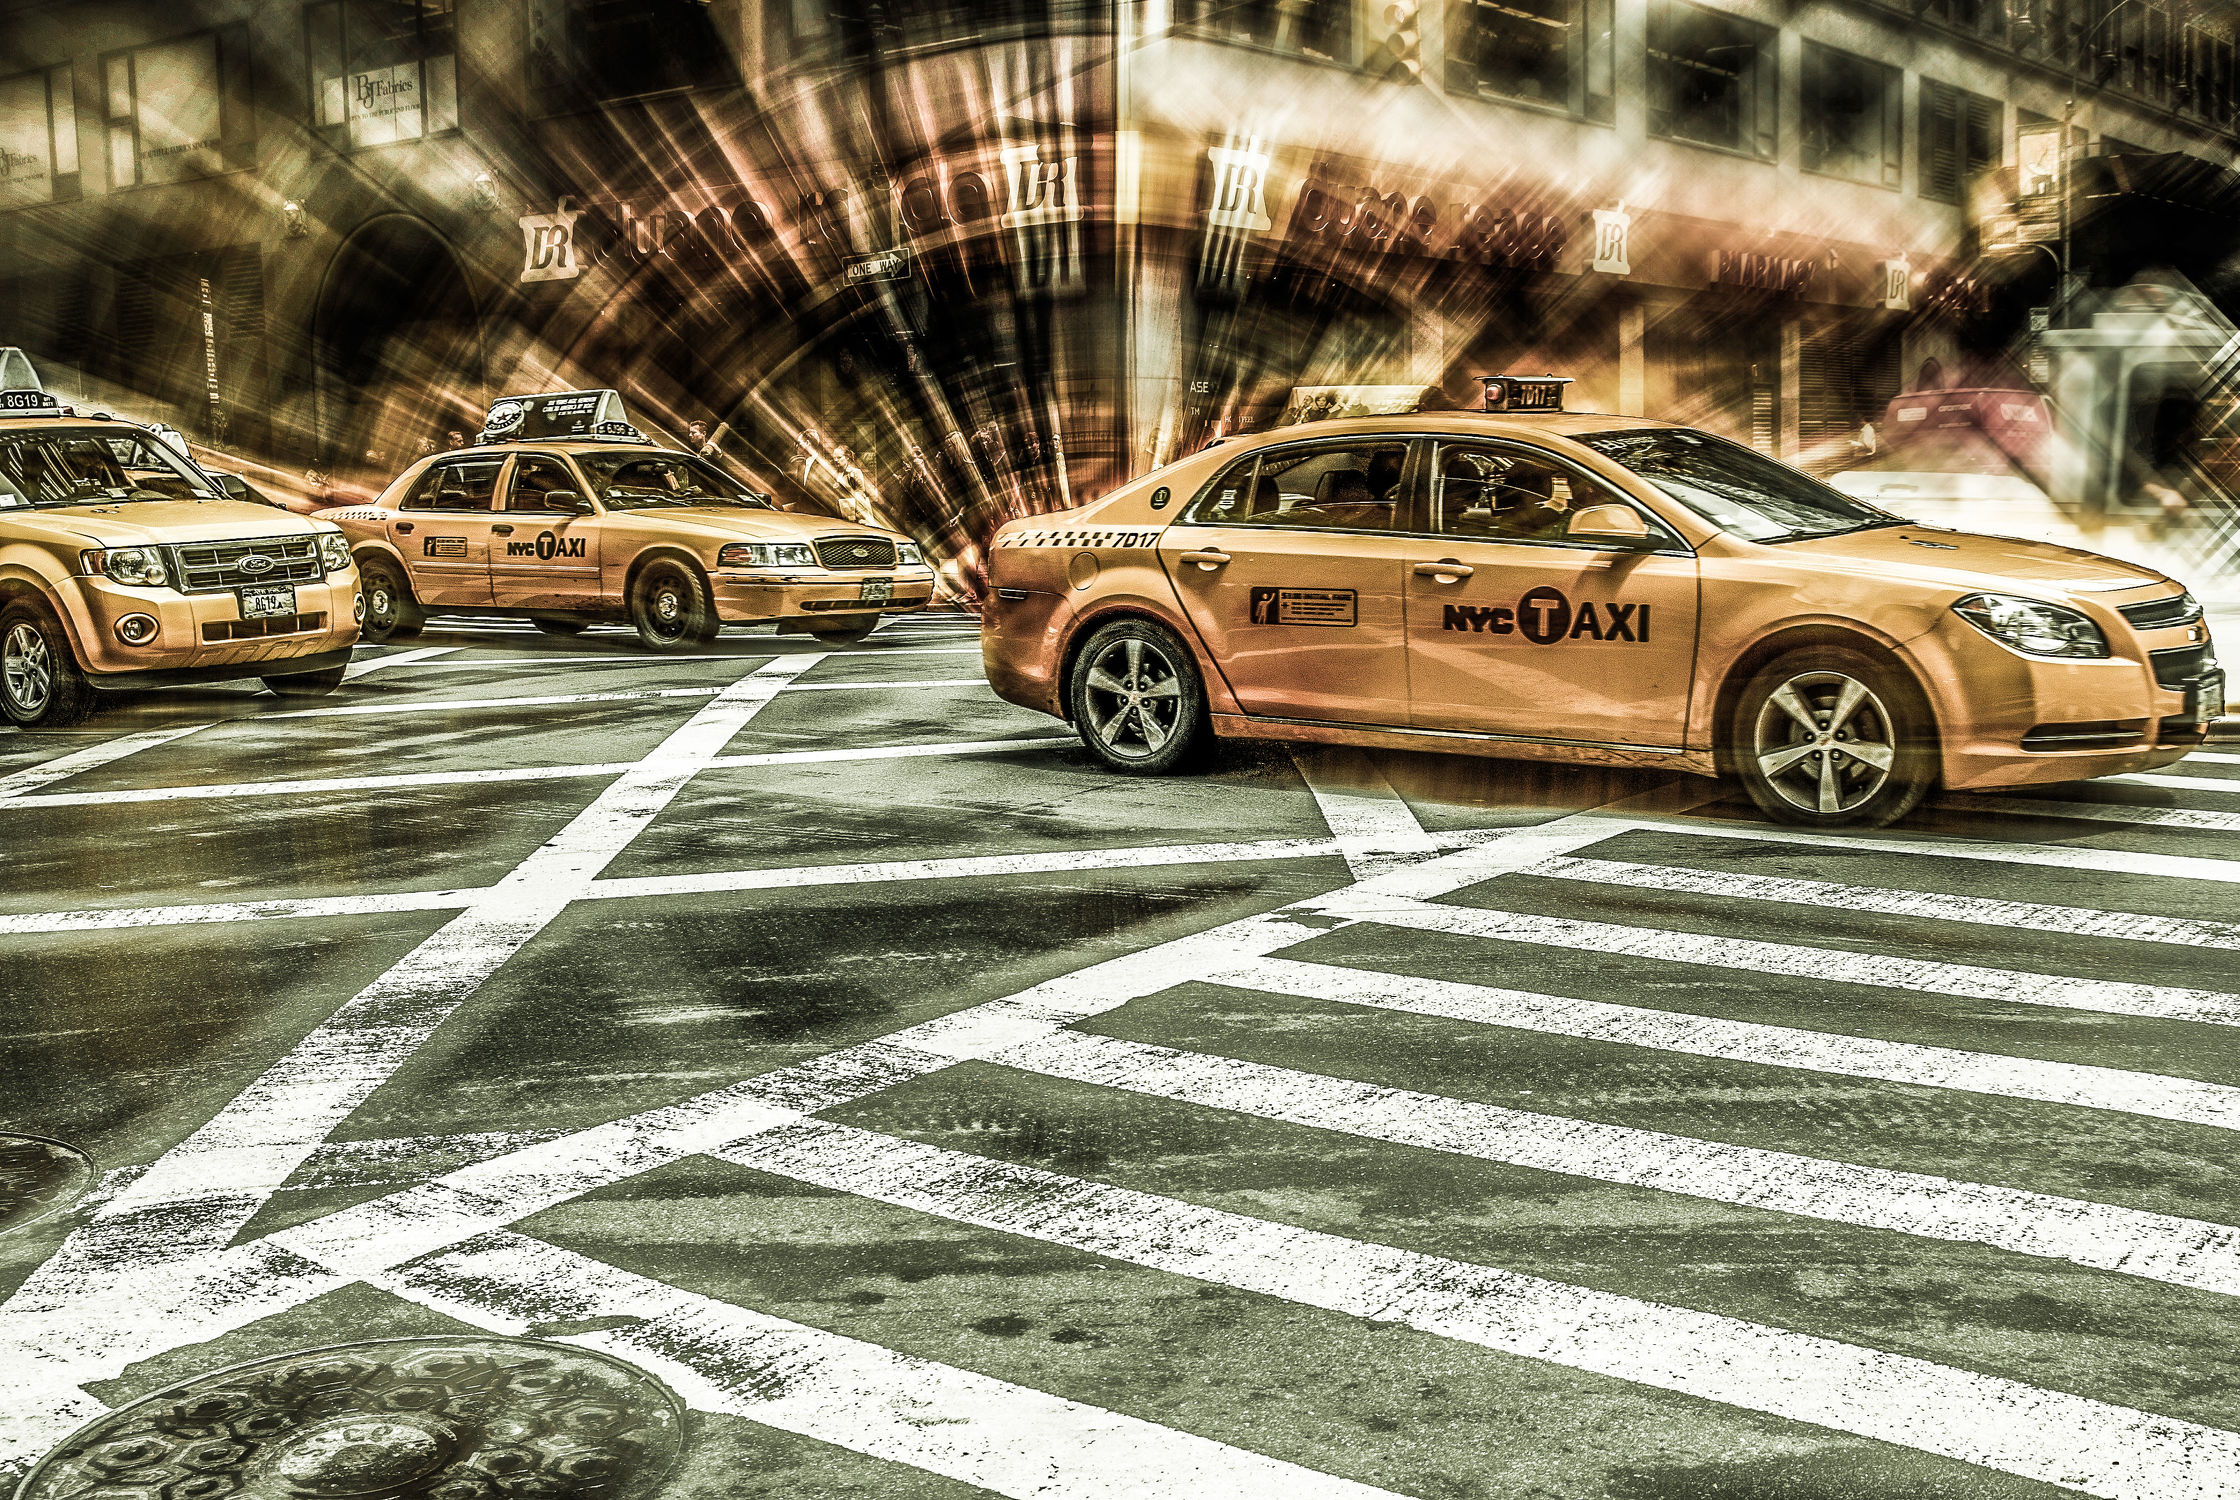 Bild mit Autos, Architektur, Straßen, Panorama, Stadt, Abstrakt, urban, New York, New York, New York, monochrom, Staedte und Architektur, USA, schwarz weiß, hochhaus, wolkenkratzer, metropole, Straße, island, Hochhäuser, SW, Manhattan, Brooklyn Bridge, Yellow cab, taxi, Taxis, New York City, NYC, Gelbe Taxis, yellow cabs, empire state building, one world trade center, skyscraper